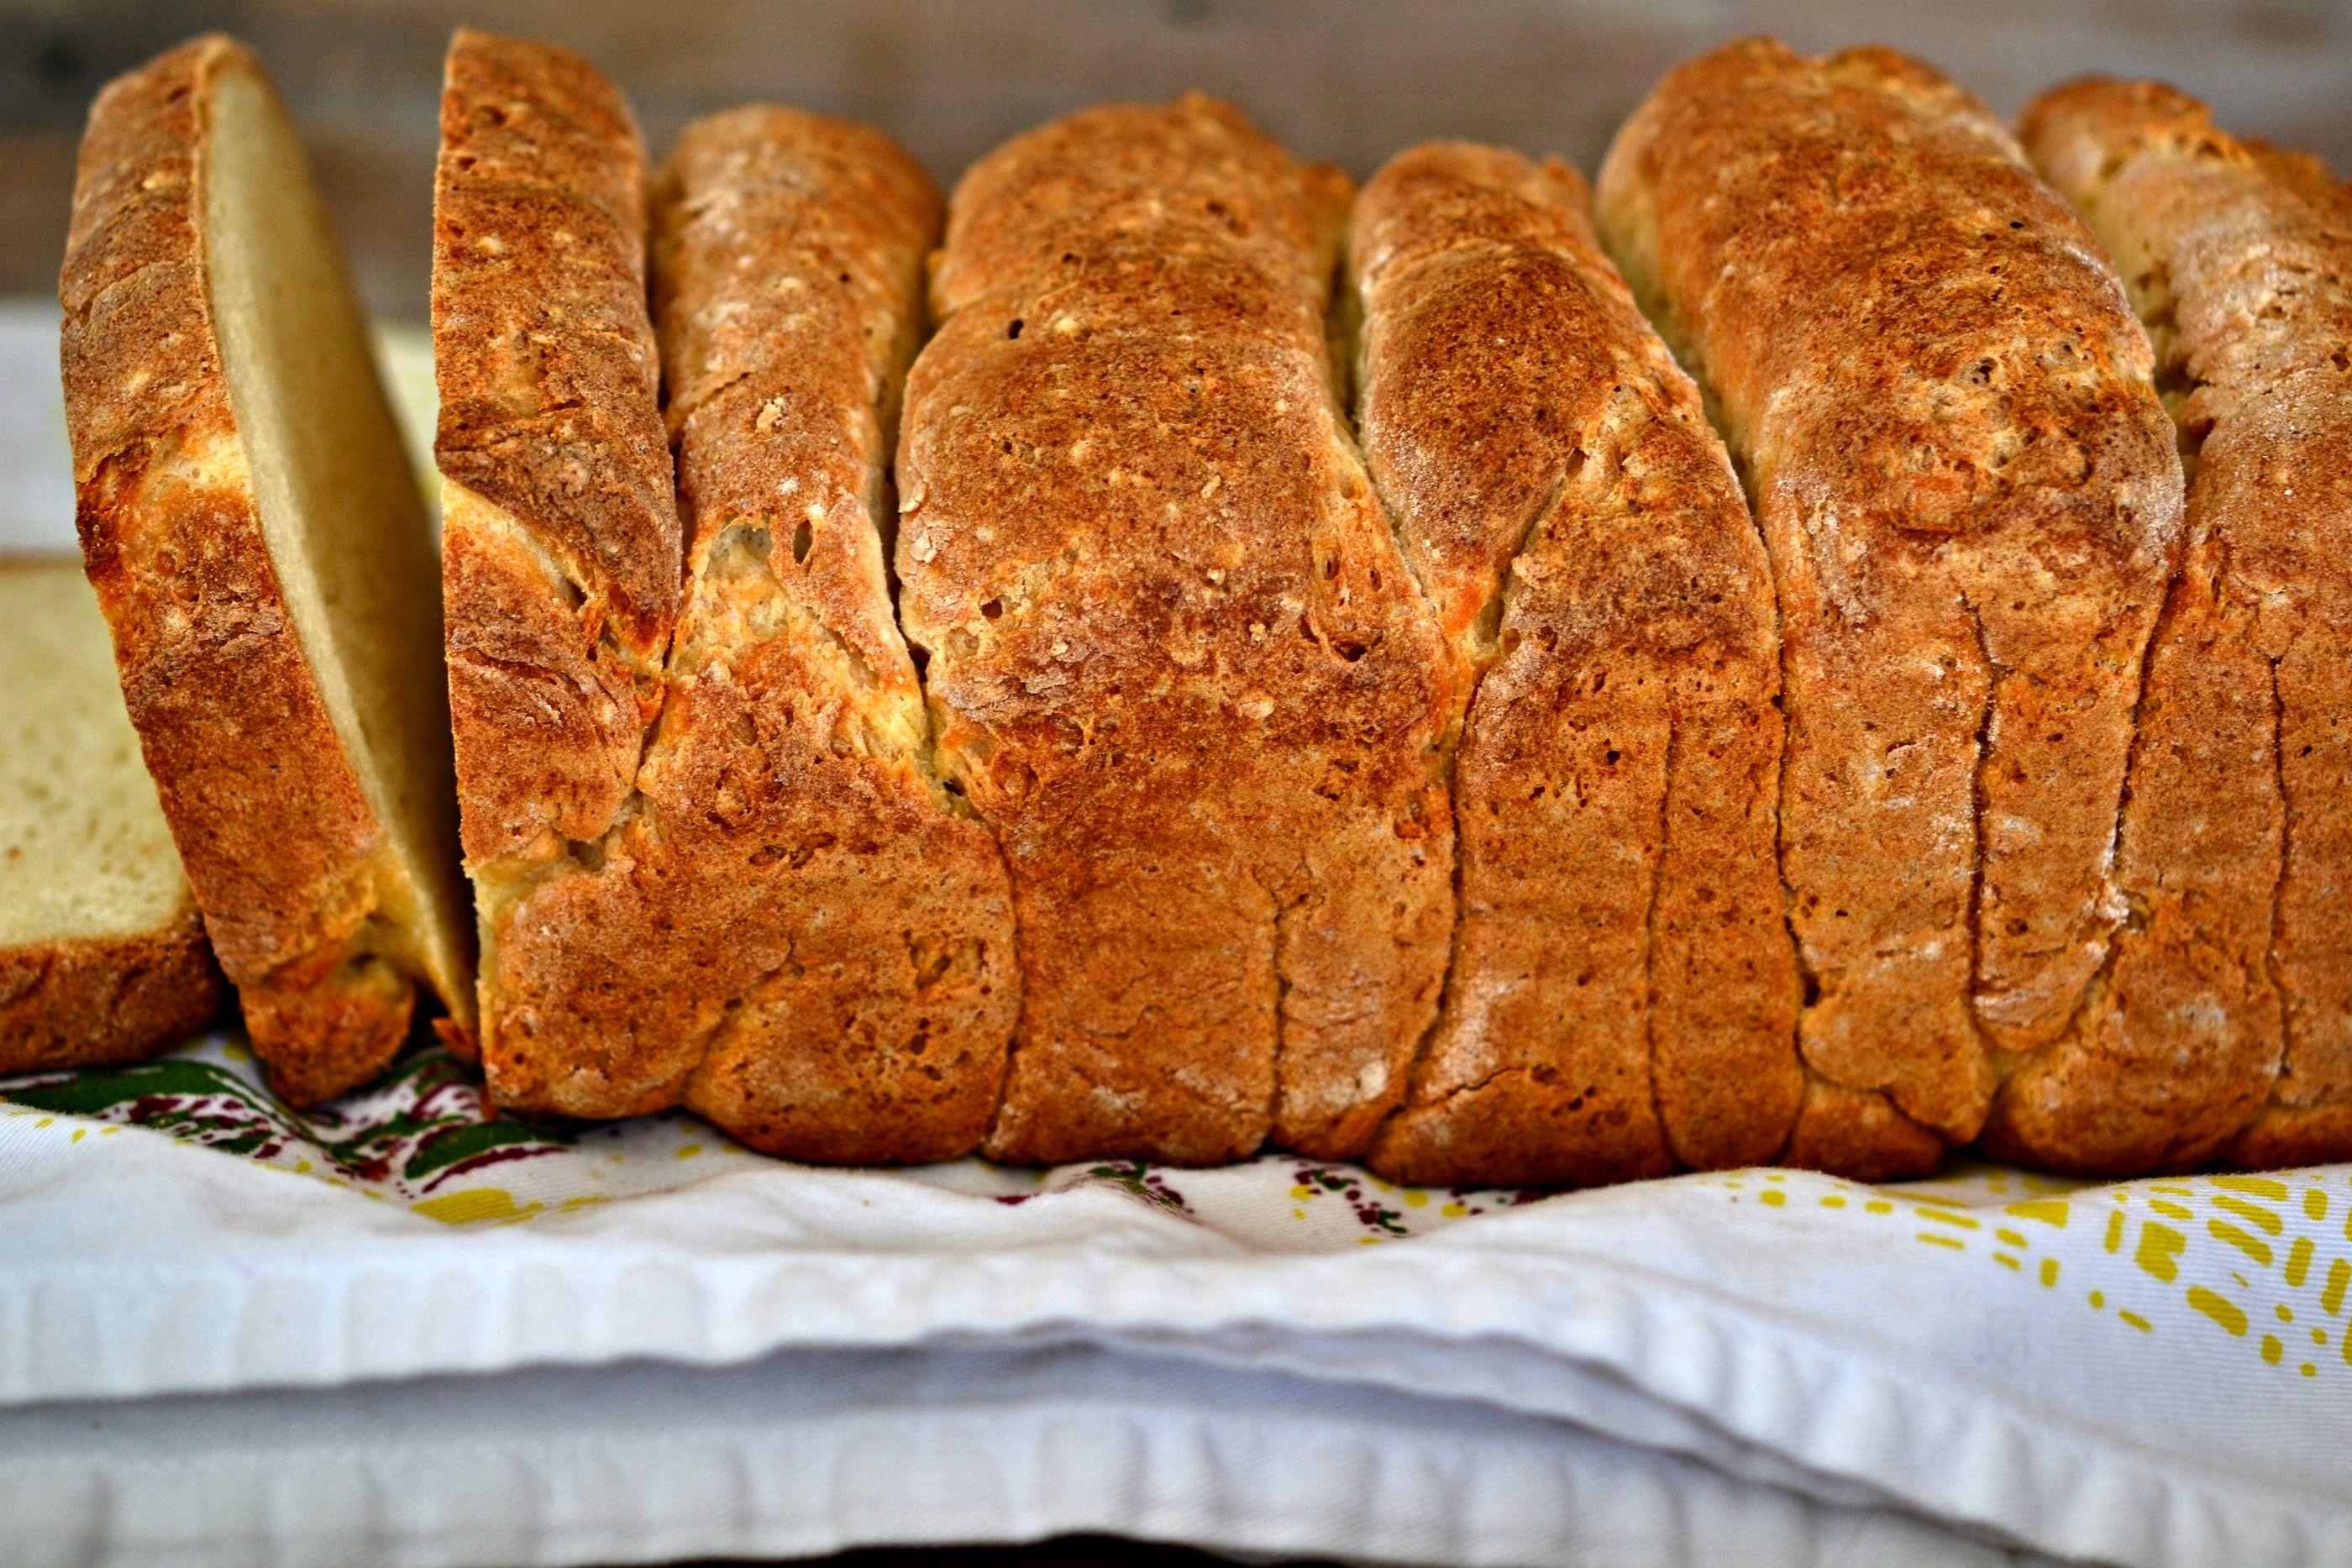 Gluten Free Bread Japanese Milk Bread Is The Softest Bread Ever Gluten Free Japanese Milk Bread Gluten Free Japanese Gluten Free Bread